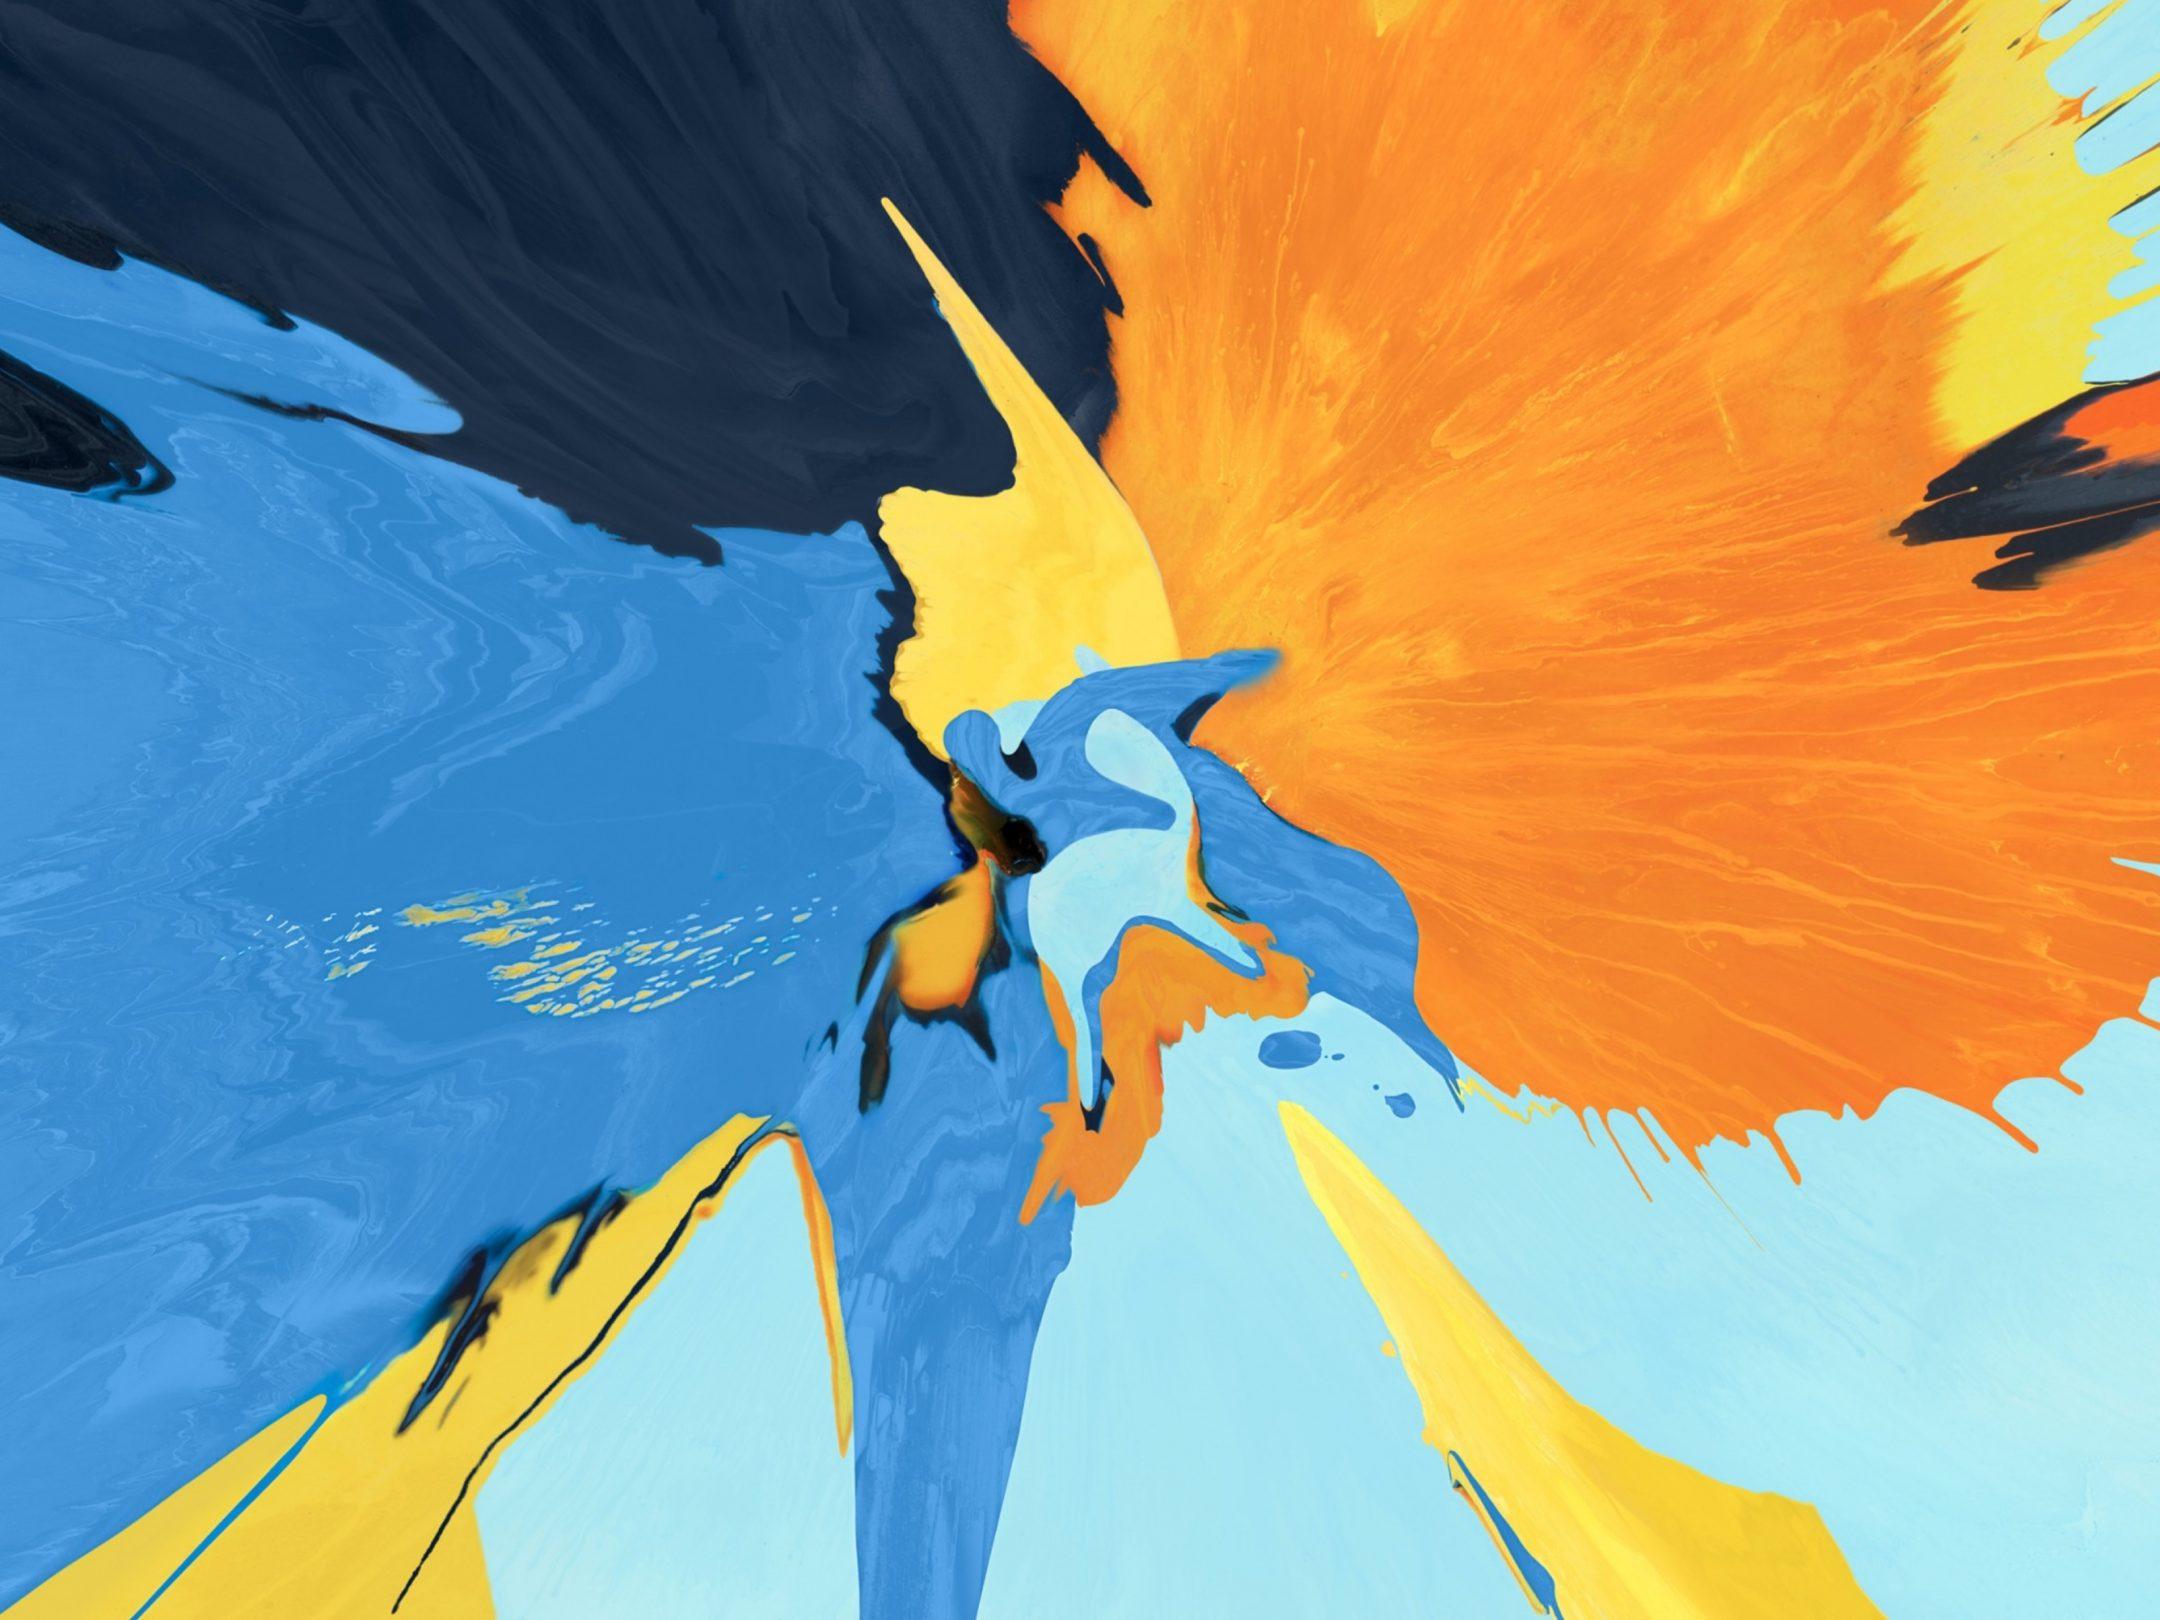 2160x1620 iPad wallpaper 4k Splash Blue Yellow Black Ipad Wallpaper 2160x1620 pixels resolution